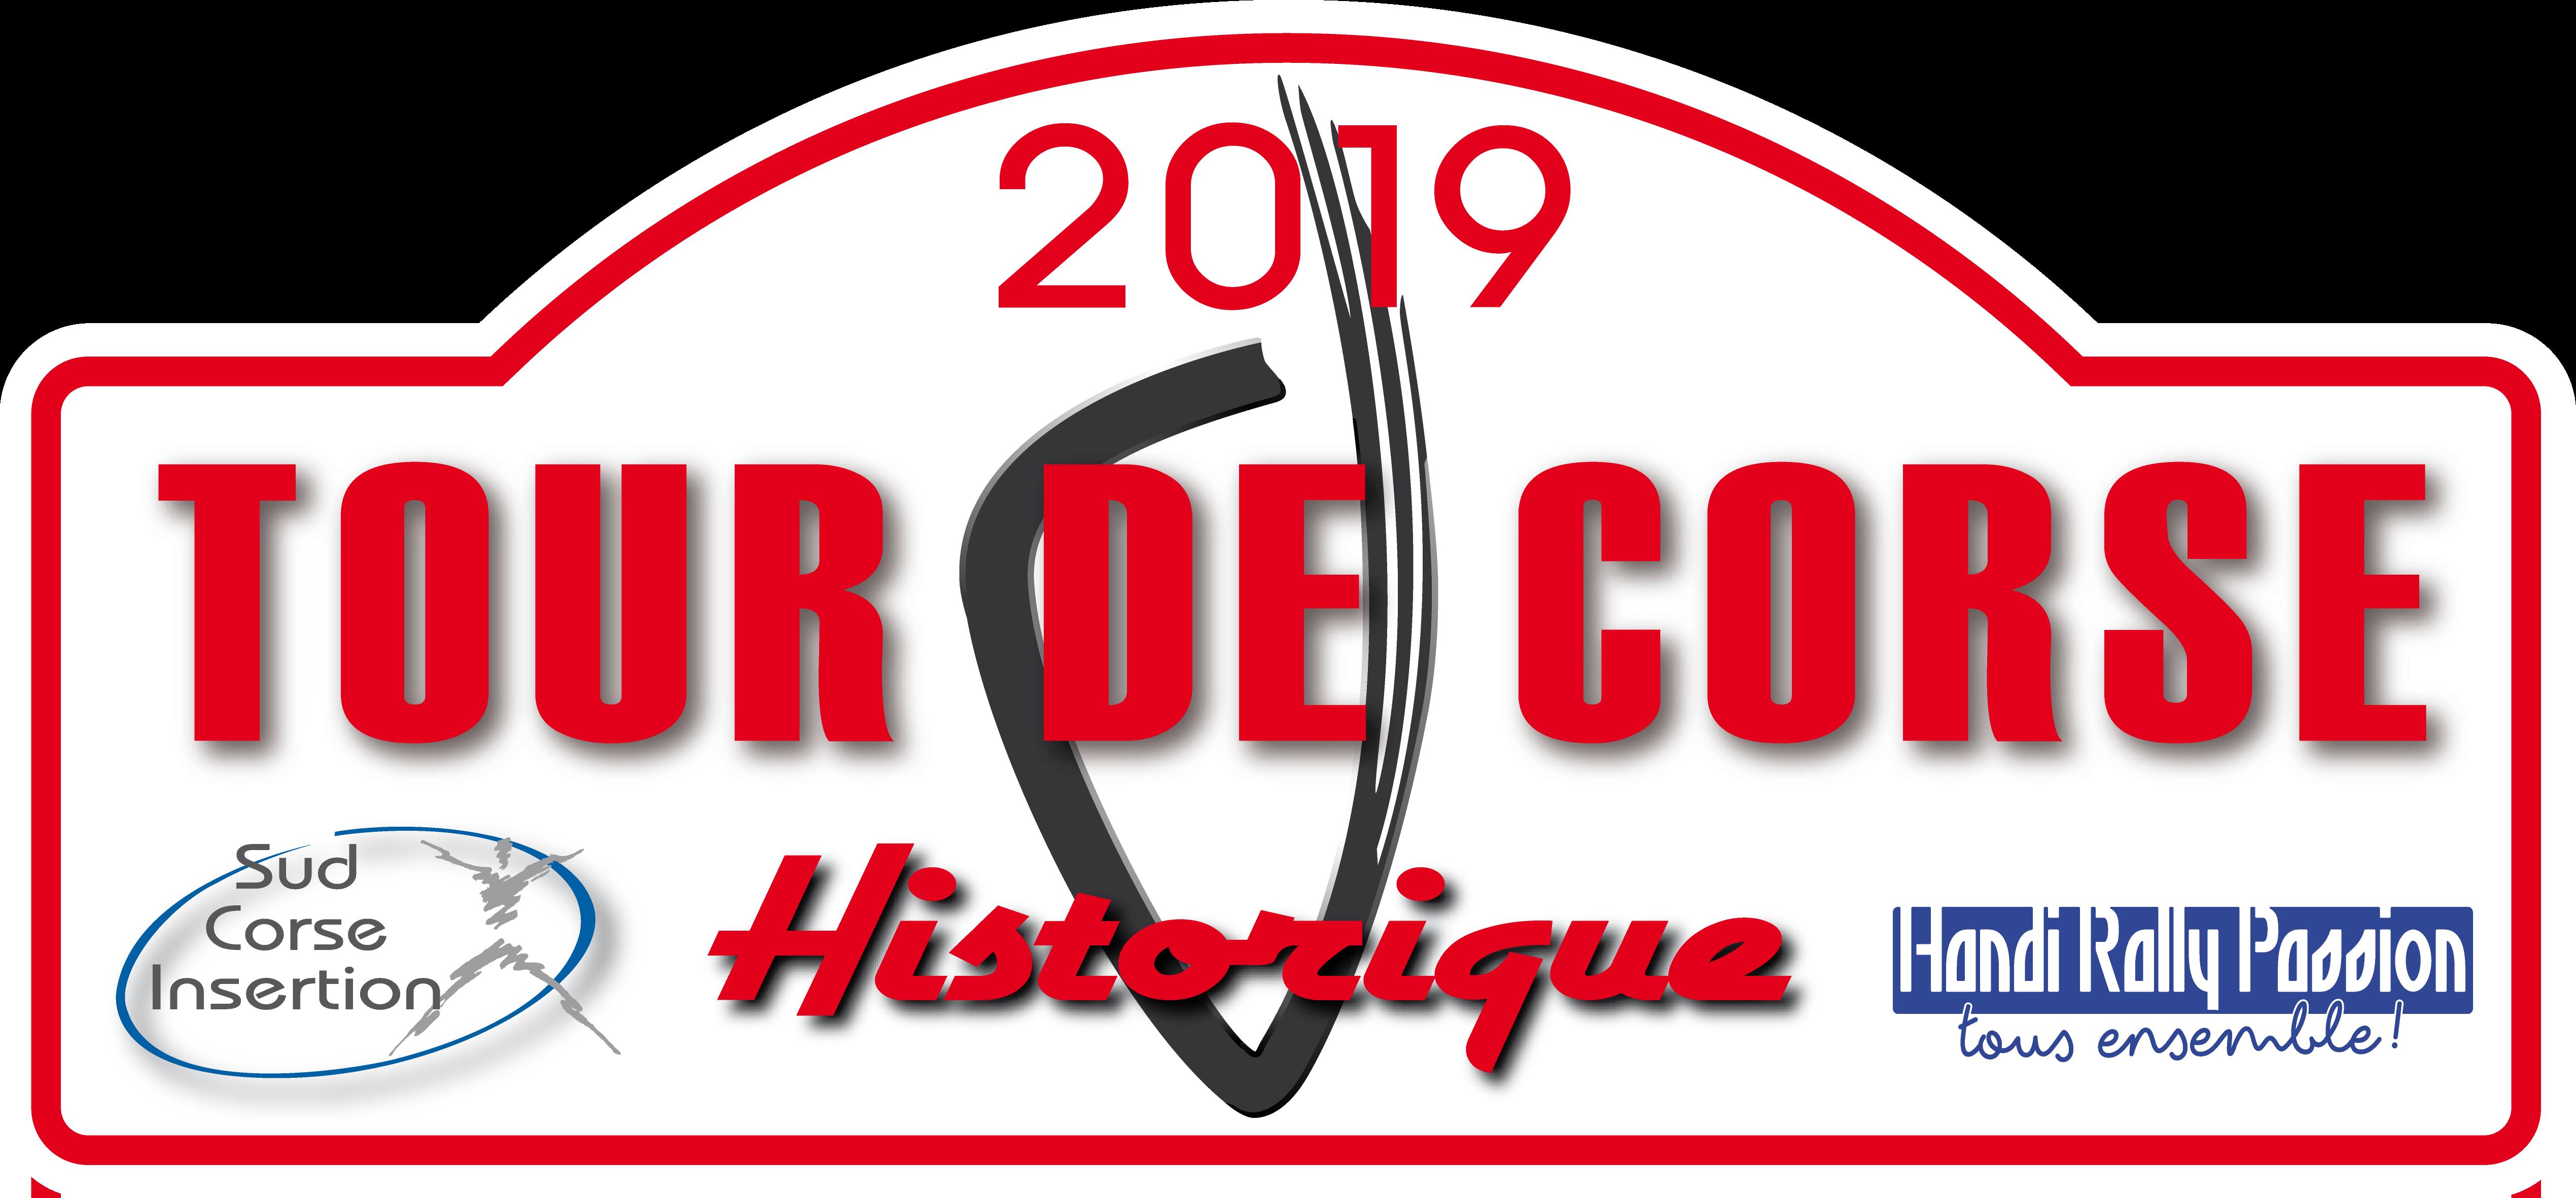 Tour de Corse_7 au 12 octobre 2019